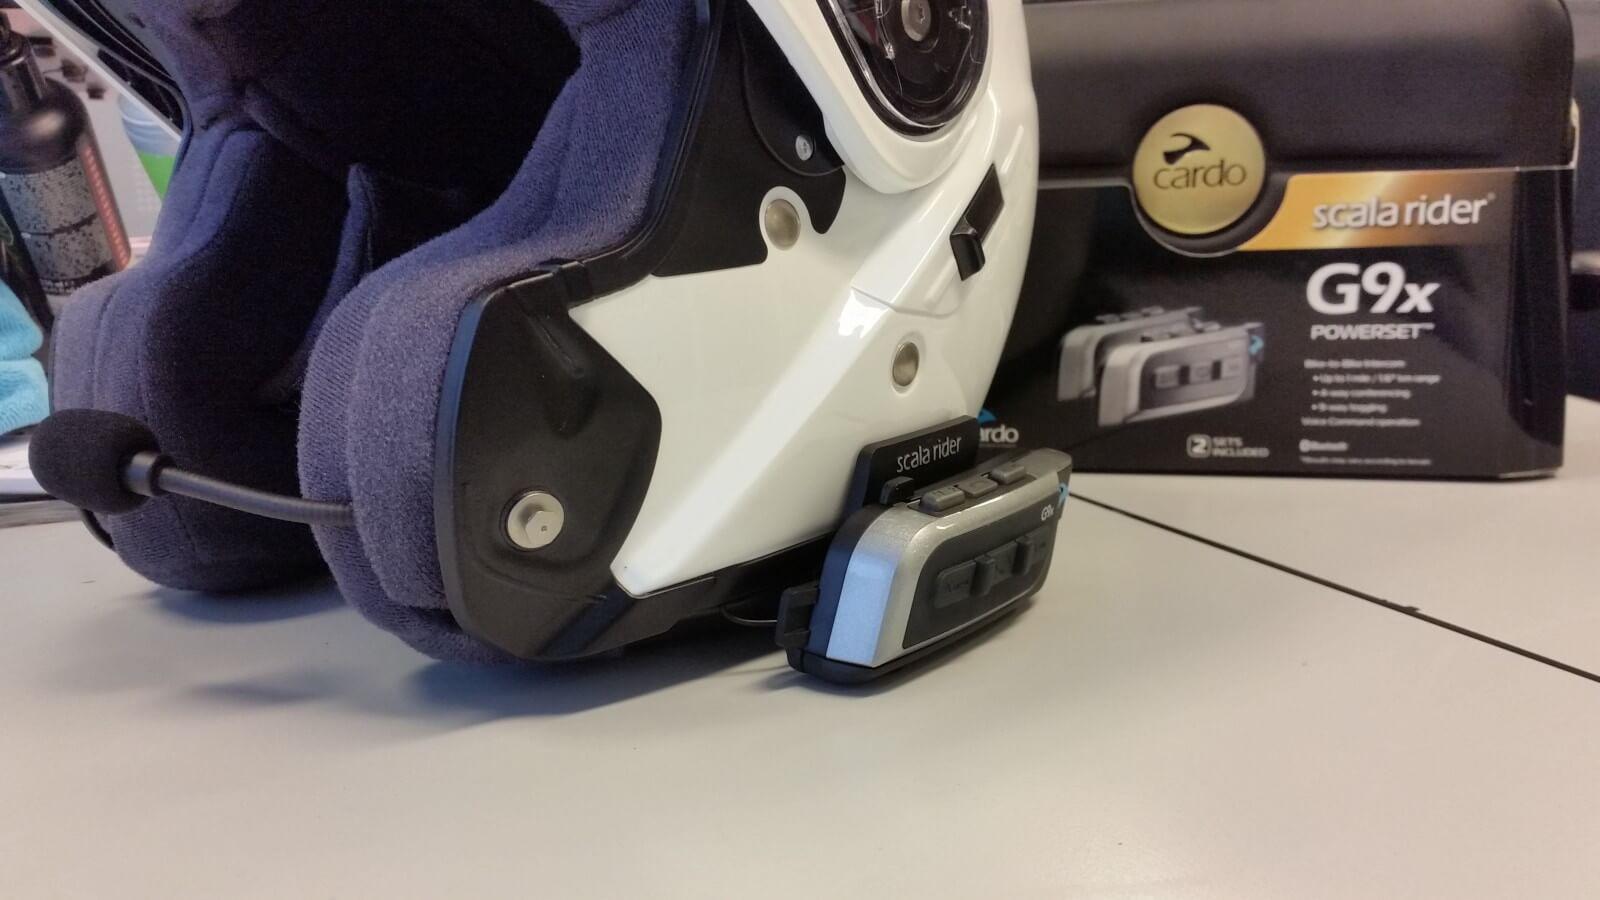 inbouwen-scala-rider-g9x-9